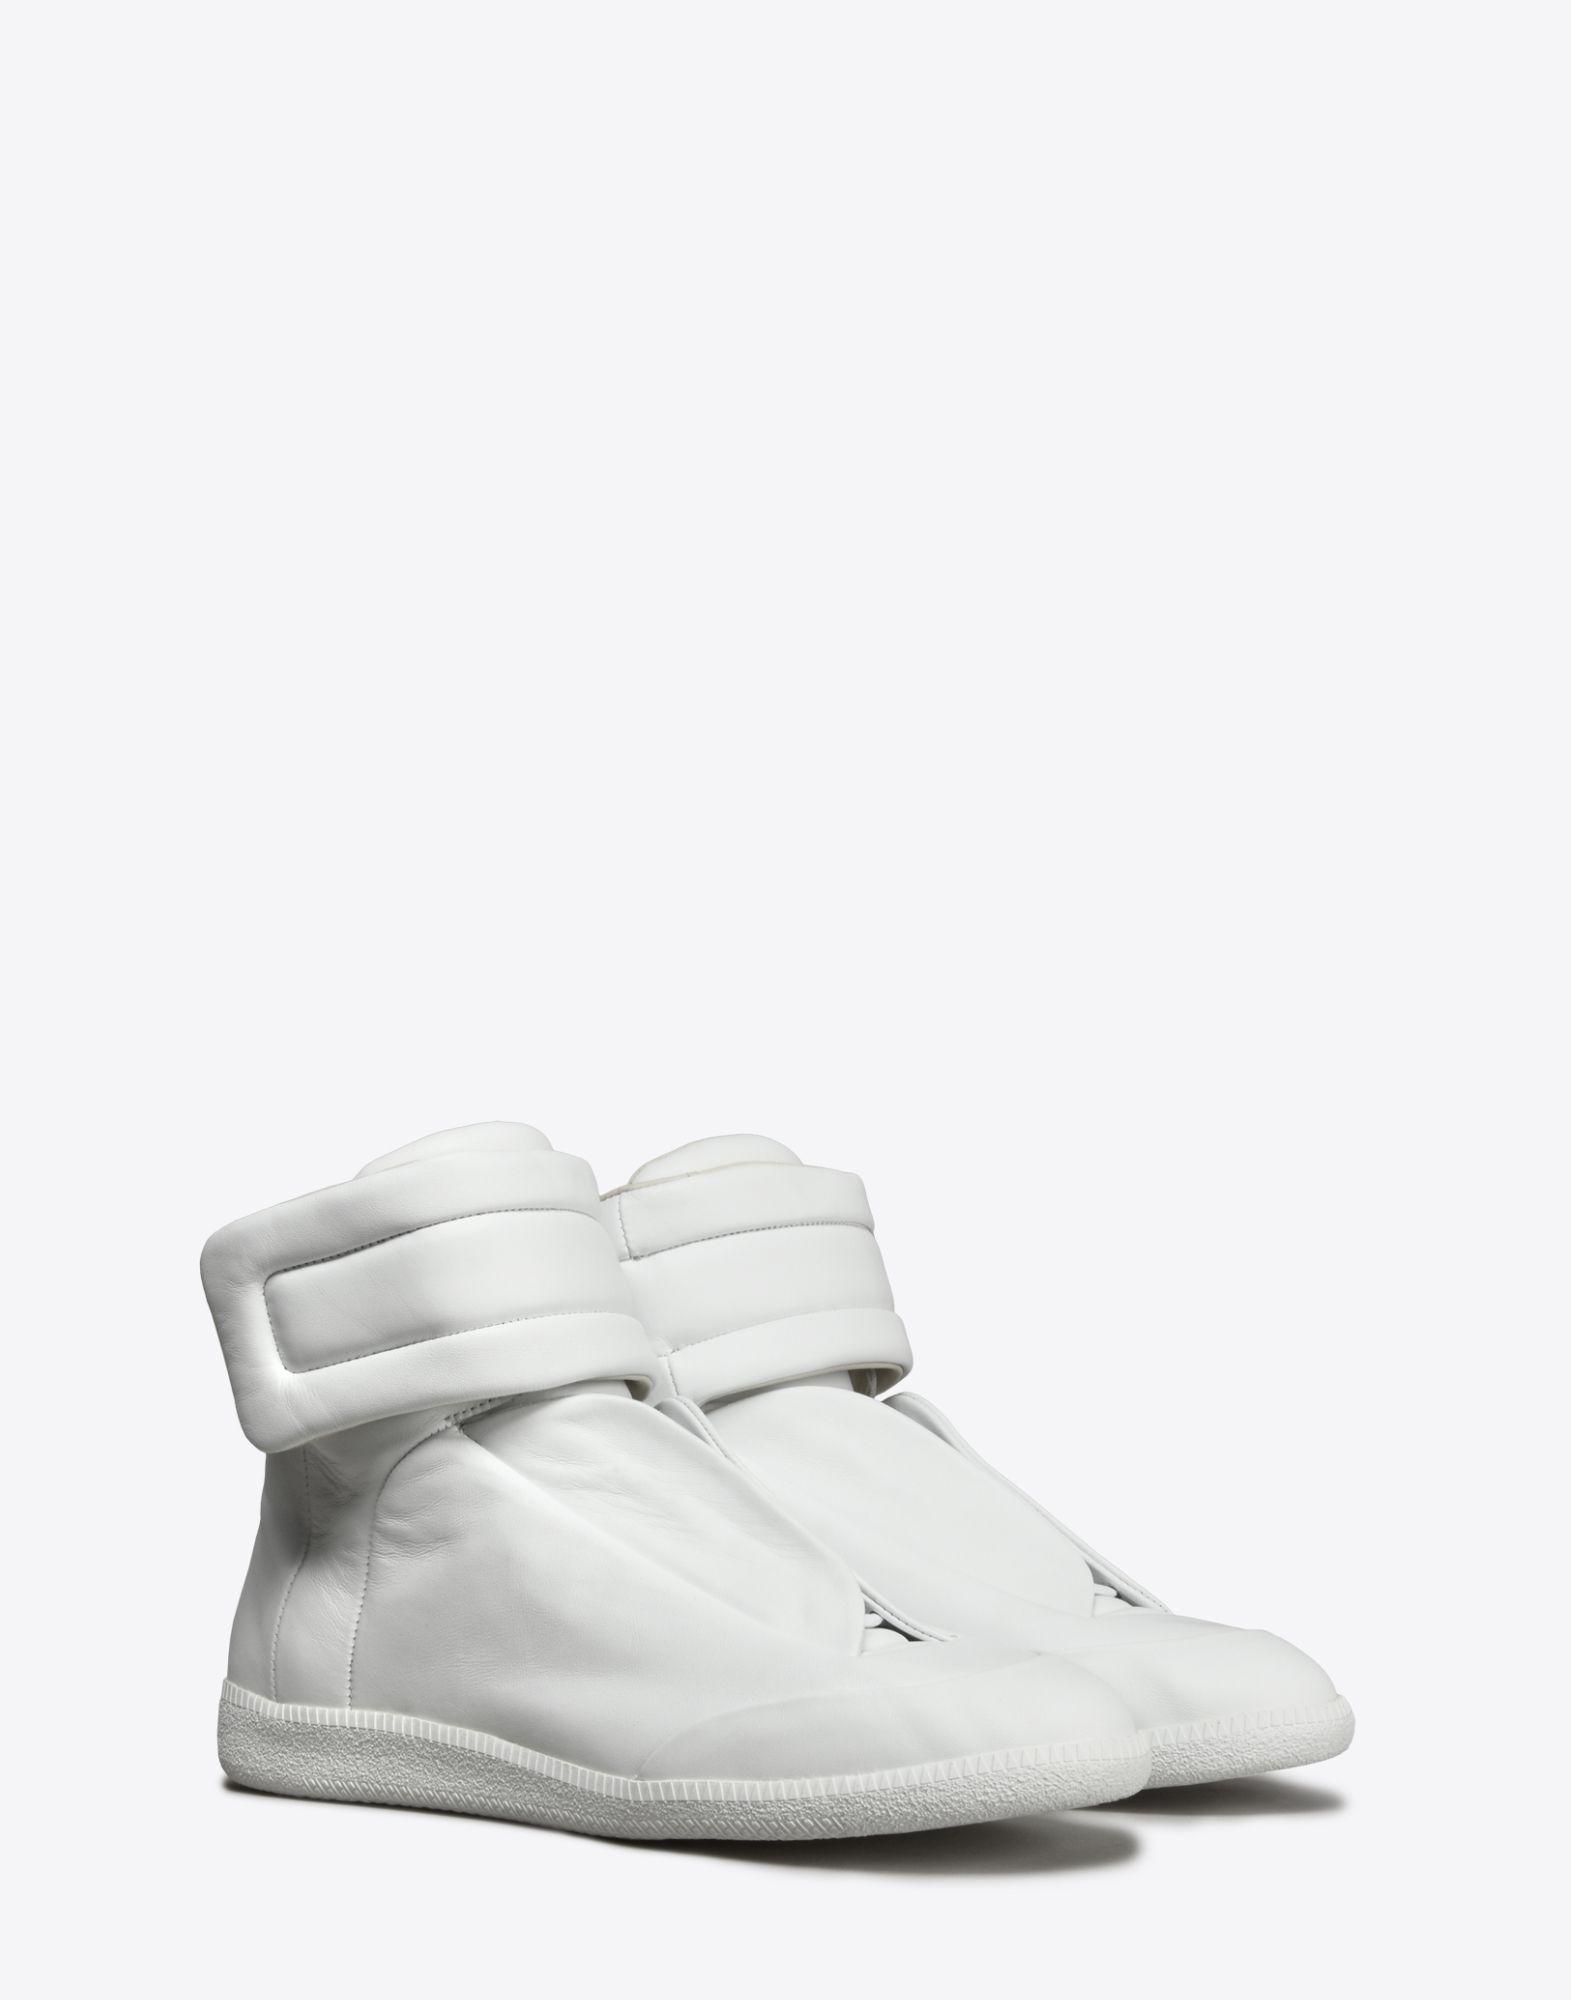 MAISON MARGIELA 22 Baskets 'Future' hautes Sneakers Homme r